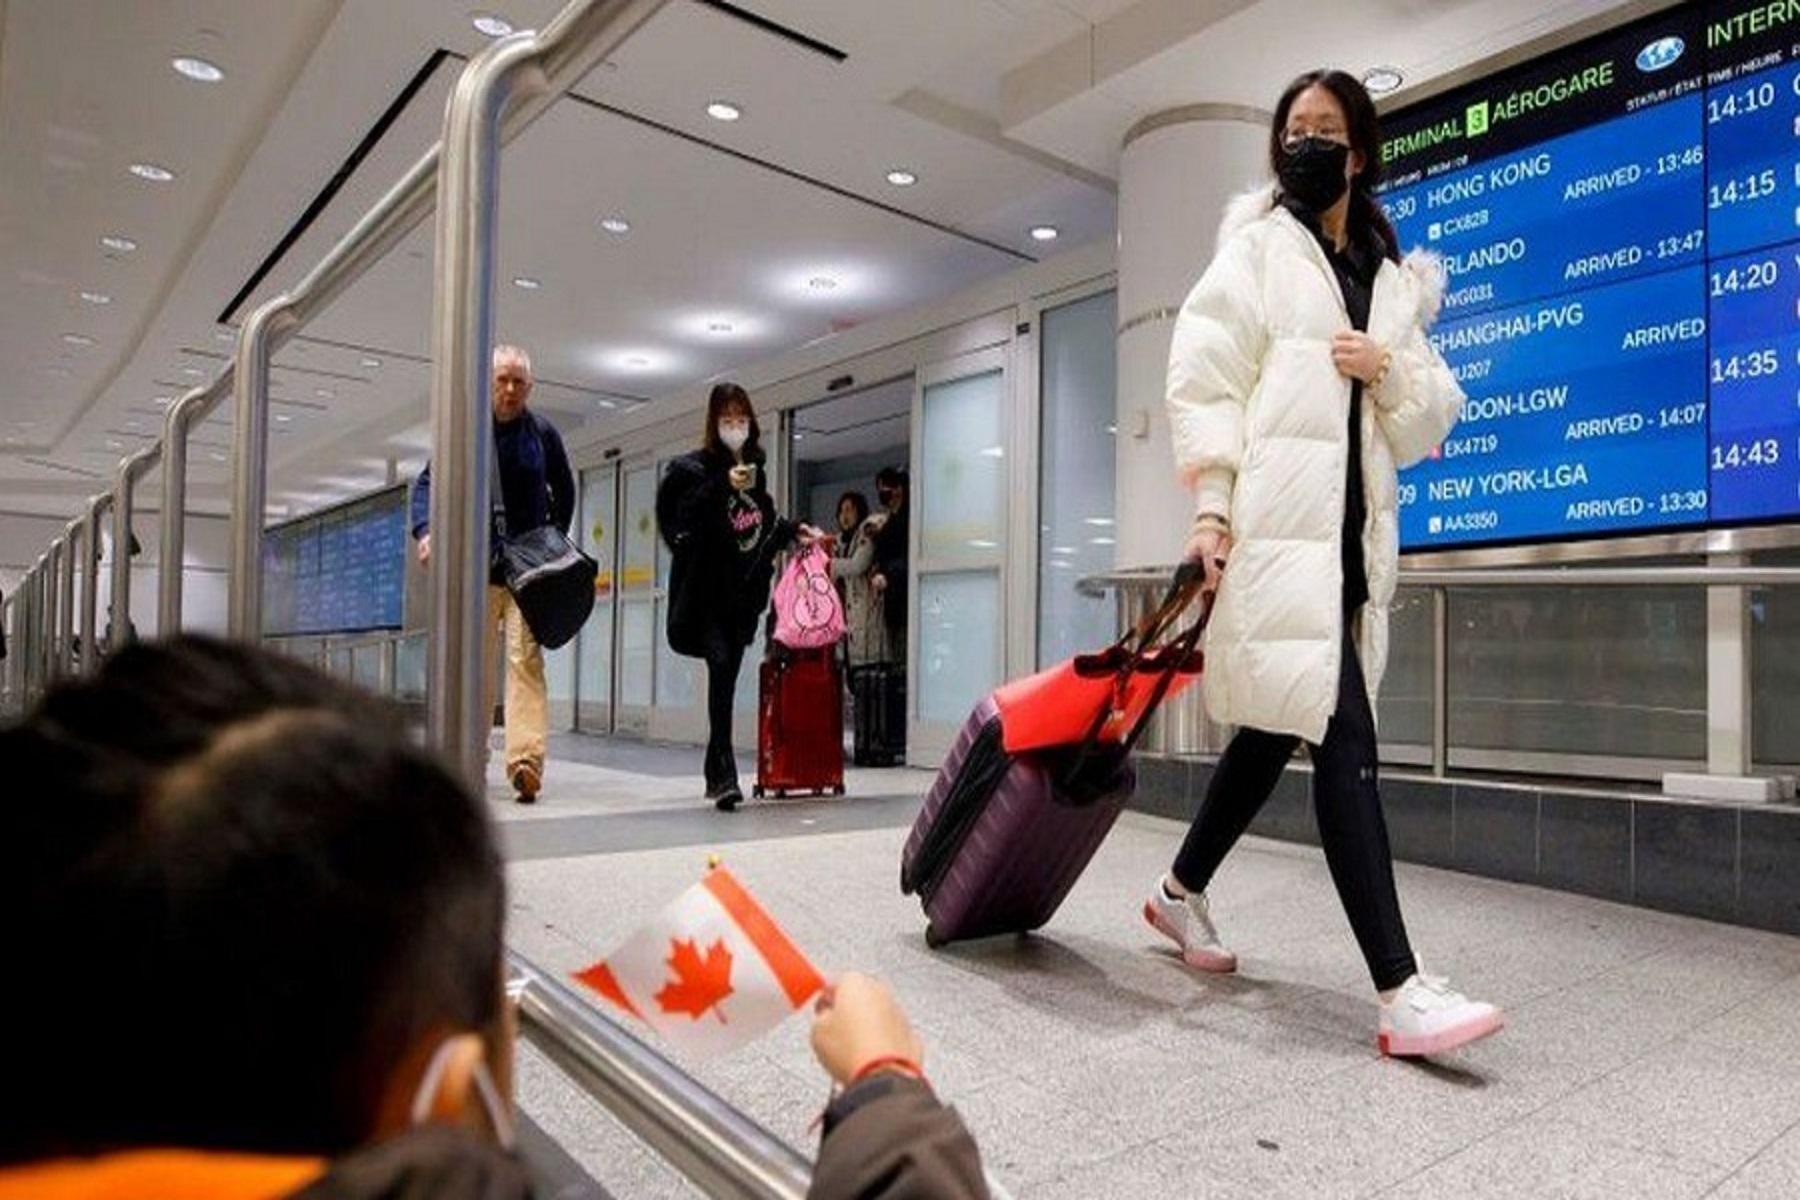 Ταξίδια ΗΠΑ: Θα χαλαρώσουν τους ταξιδιωτικούς περιορισμούς για τους ξένους επισκέπτες που είναι εμβολιασμένοι κατά της Covid